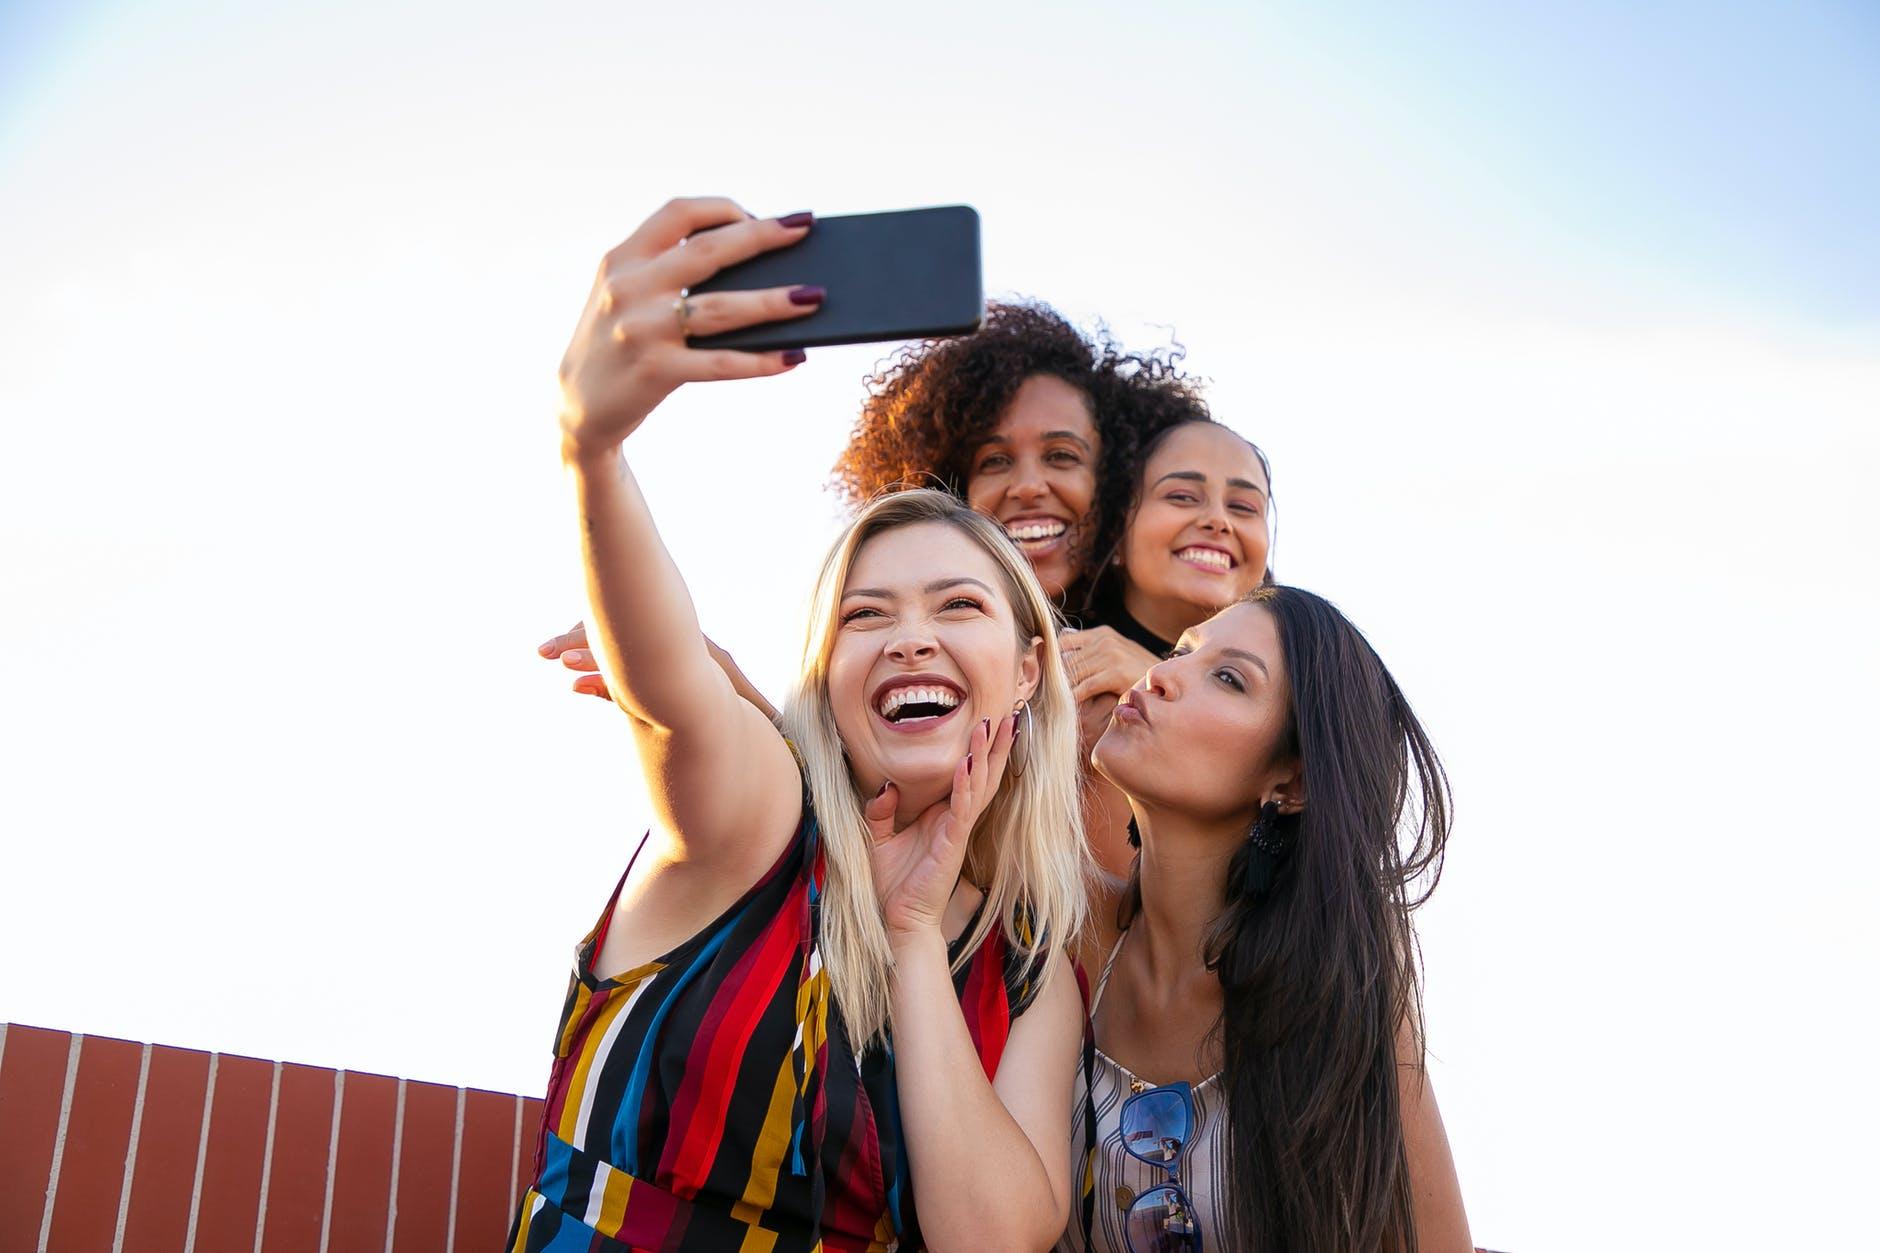 ¿Cómo tomar la selfie perfecta? 6 trucos para lograrlo